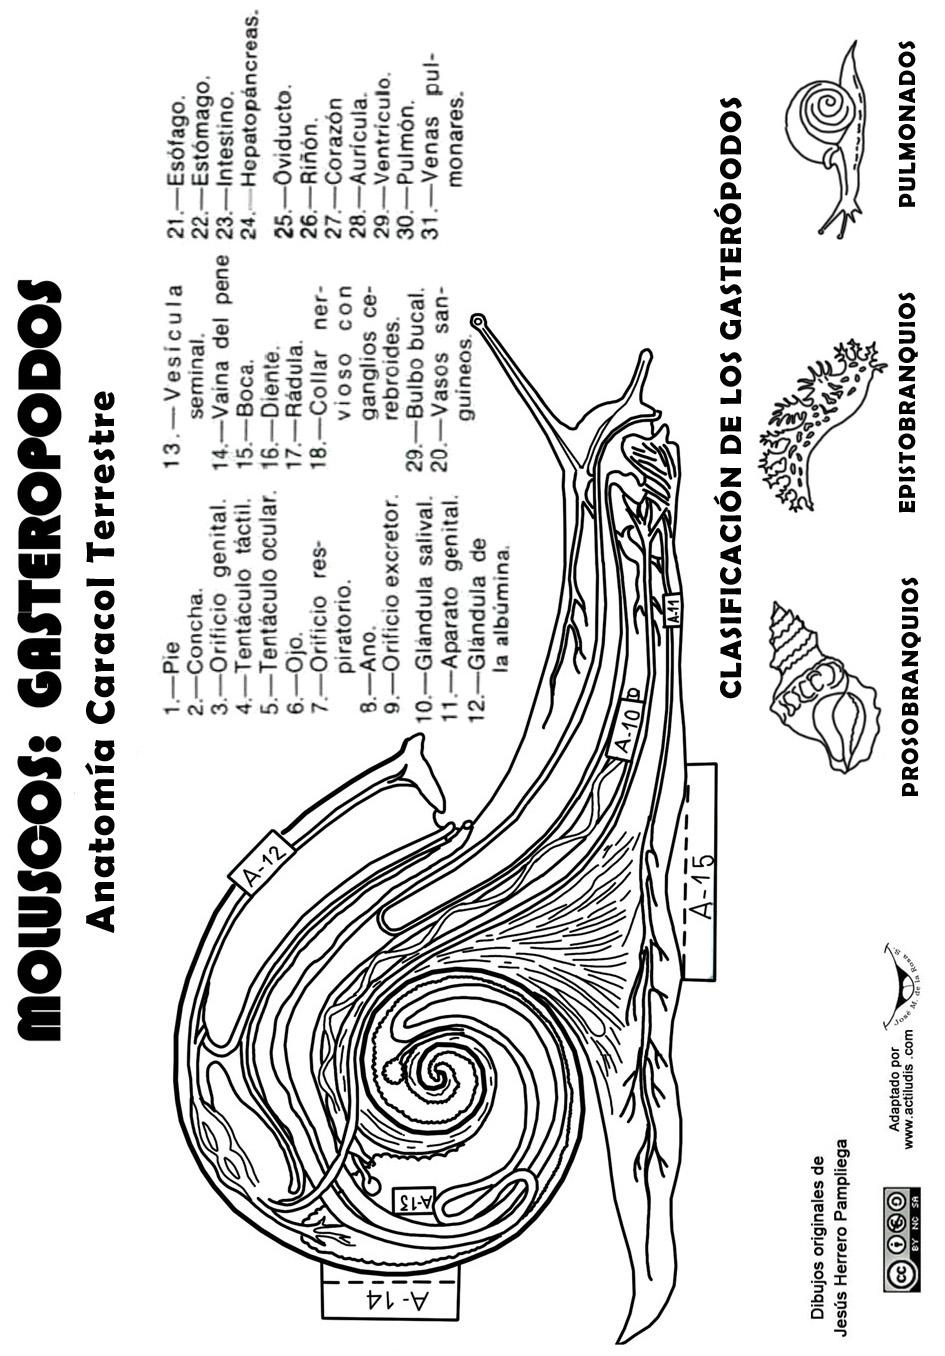 Molusco-gasteropodo-caracol-plantilla - Actiludis